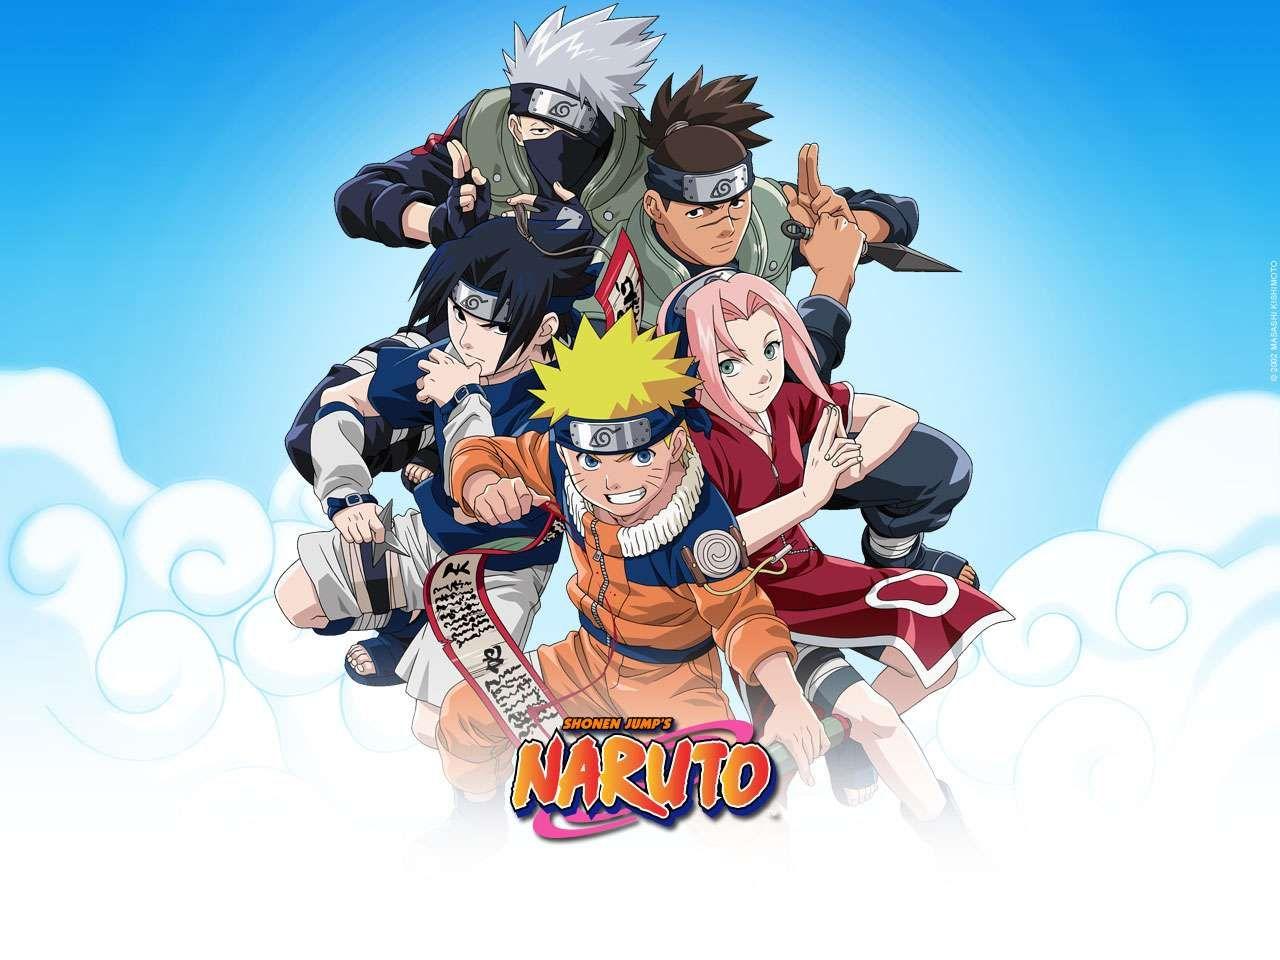 Kakashi sakura sasuke naruto wallpaper forwallpaper com html code - Naruto Logo Naruto Logo 1280x960 Px Wallpapers 9050 Free Download Naruto